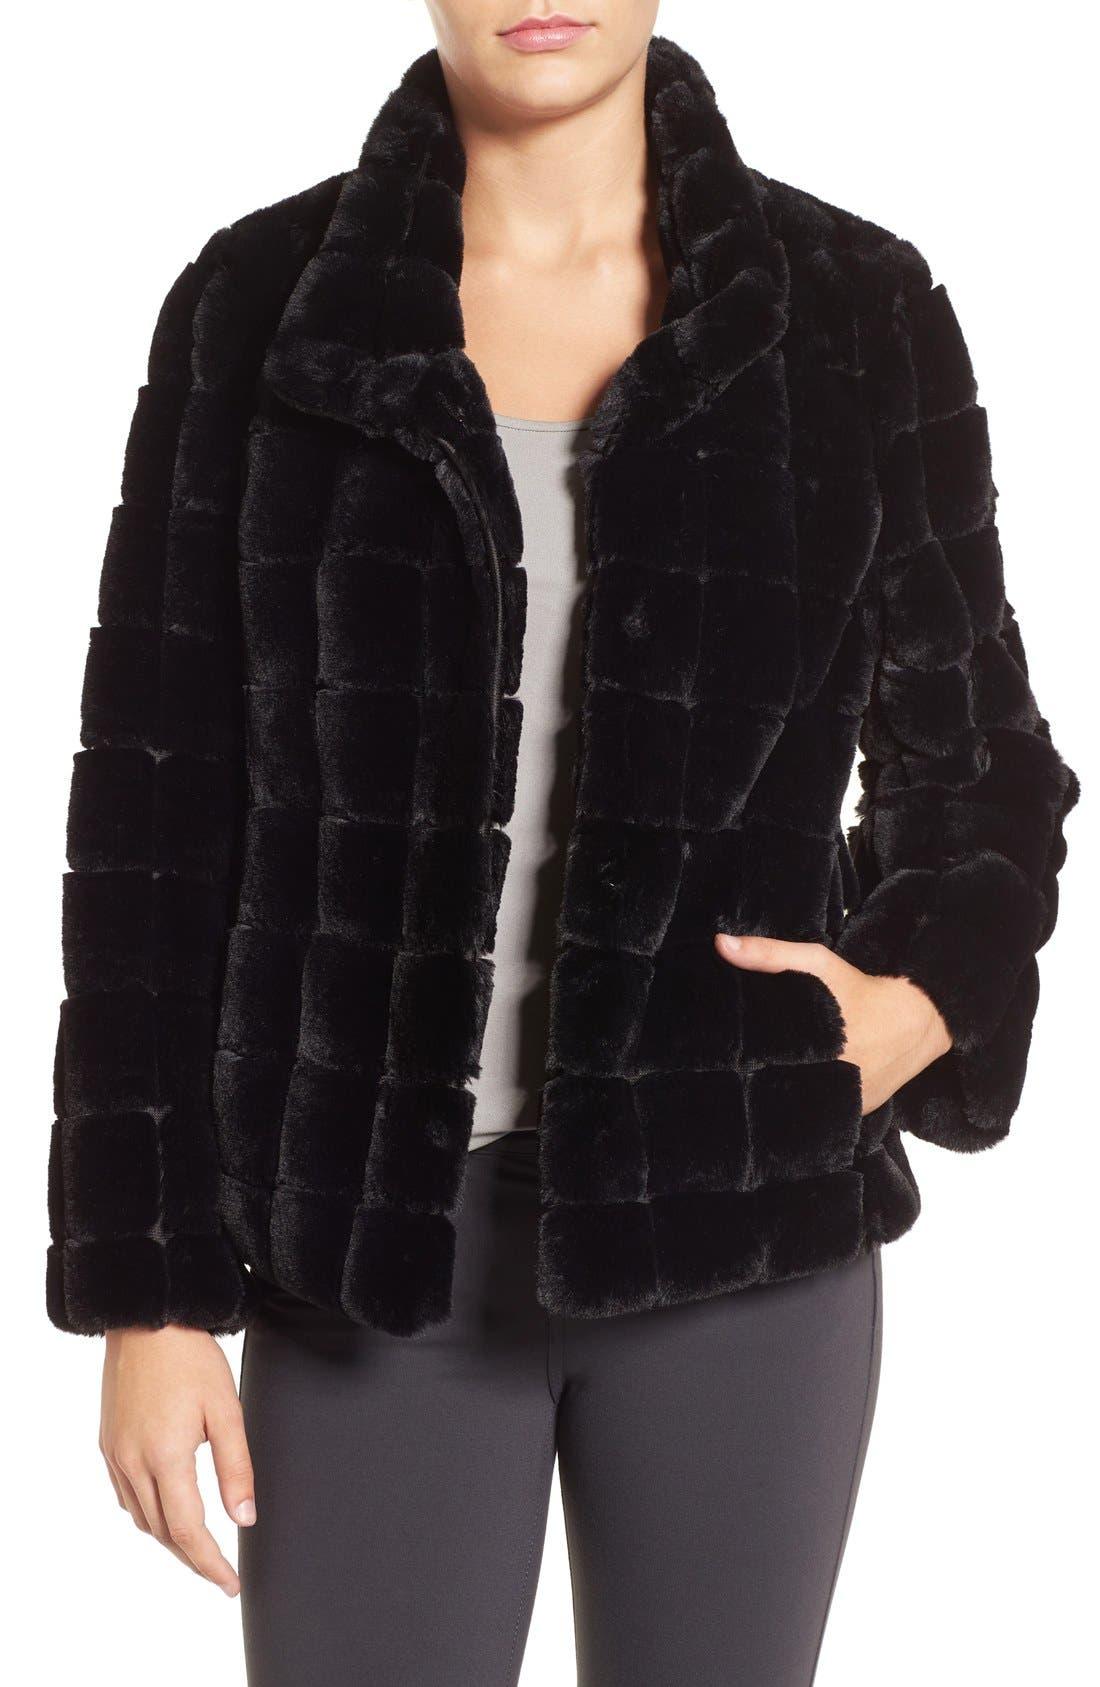 Alternate Image 1 Selected - Kristen Blake Faux Fur Jacket